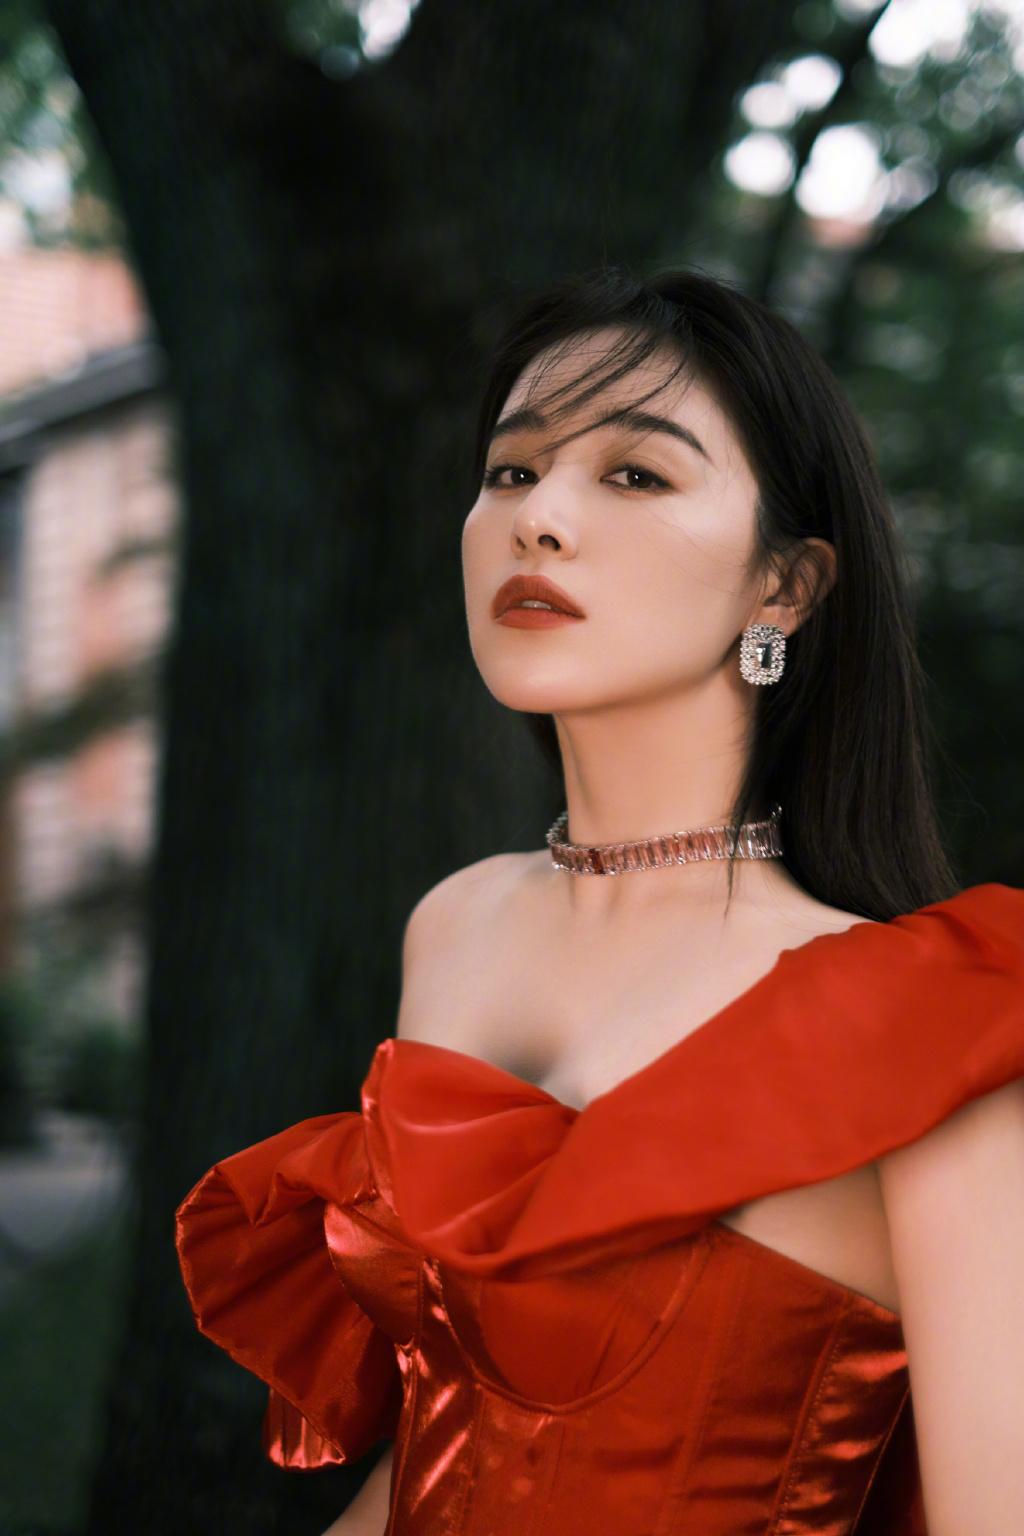 阚清子初秋时尚写真,美女配红裙,氛围感满满